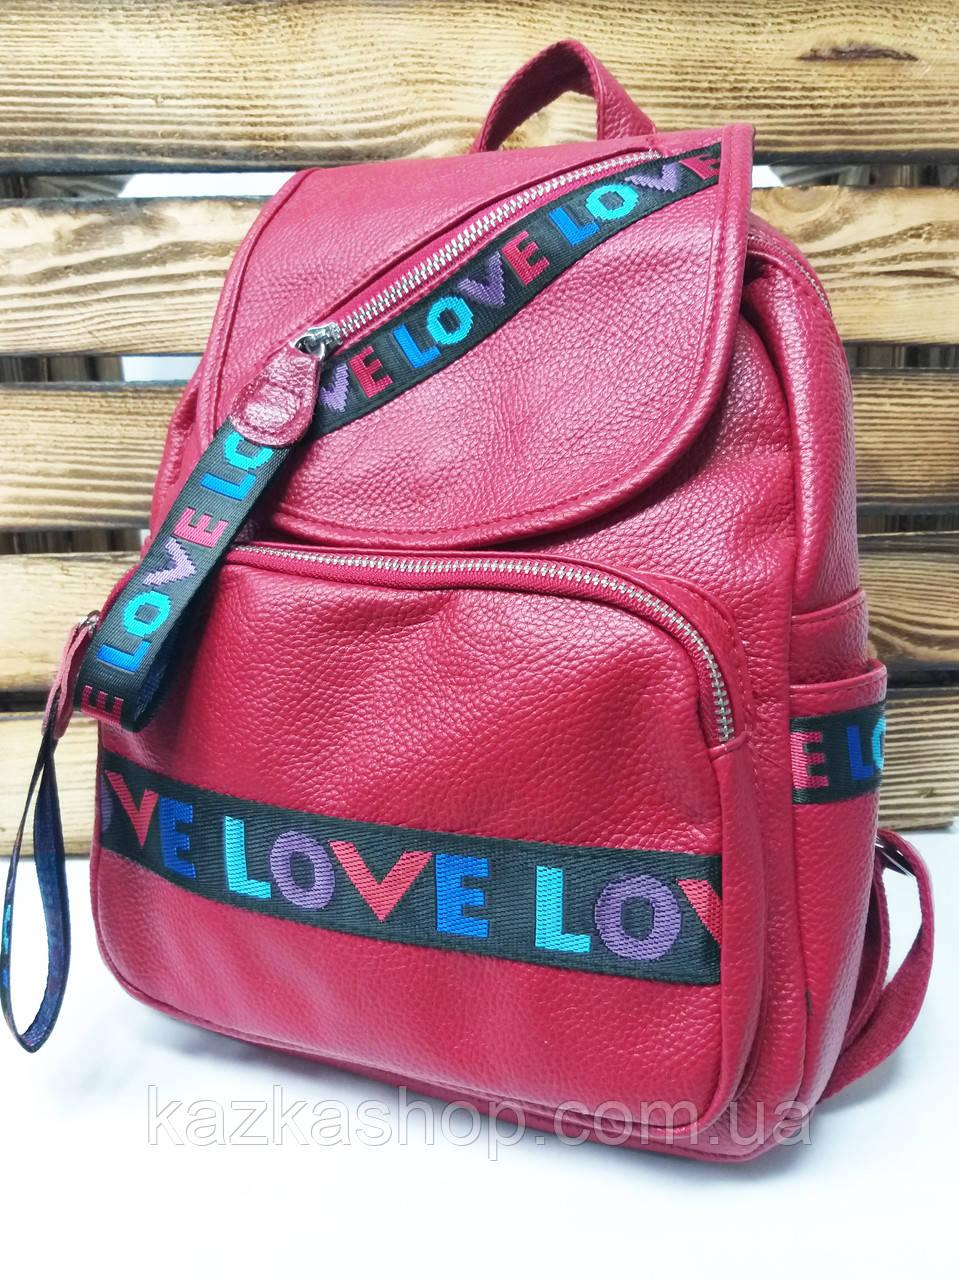 Стильный женский рюкзак красного цвета с оригинальной нашивкой и дополнительным отделом